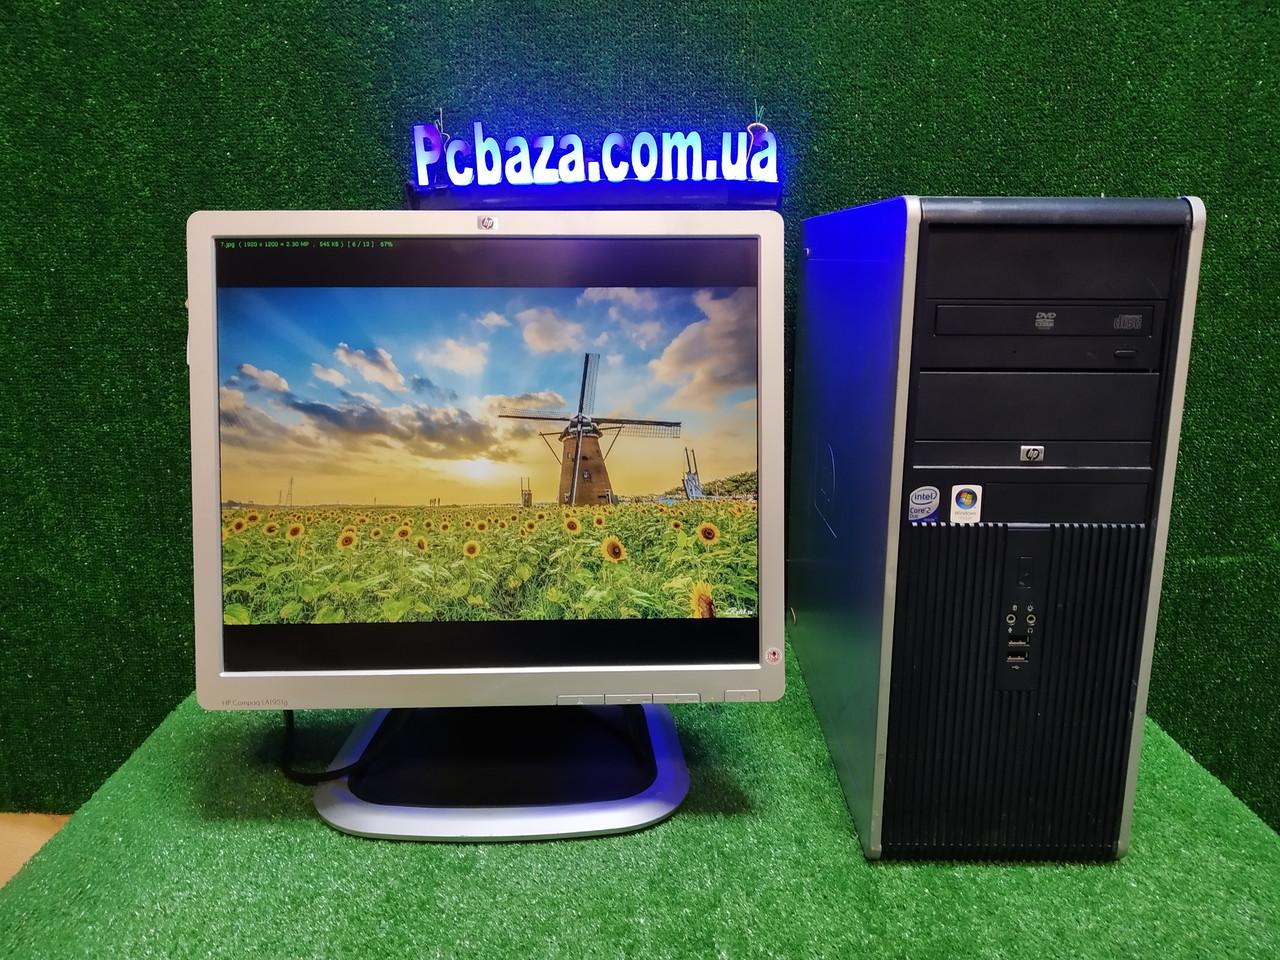 """ПК HP + мон 19"""", Intel 4 ядра, 4 ГБ, 320 ГБ Настроен! Есть Опт! Гарантия!"""